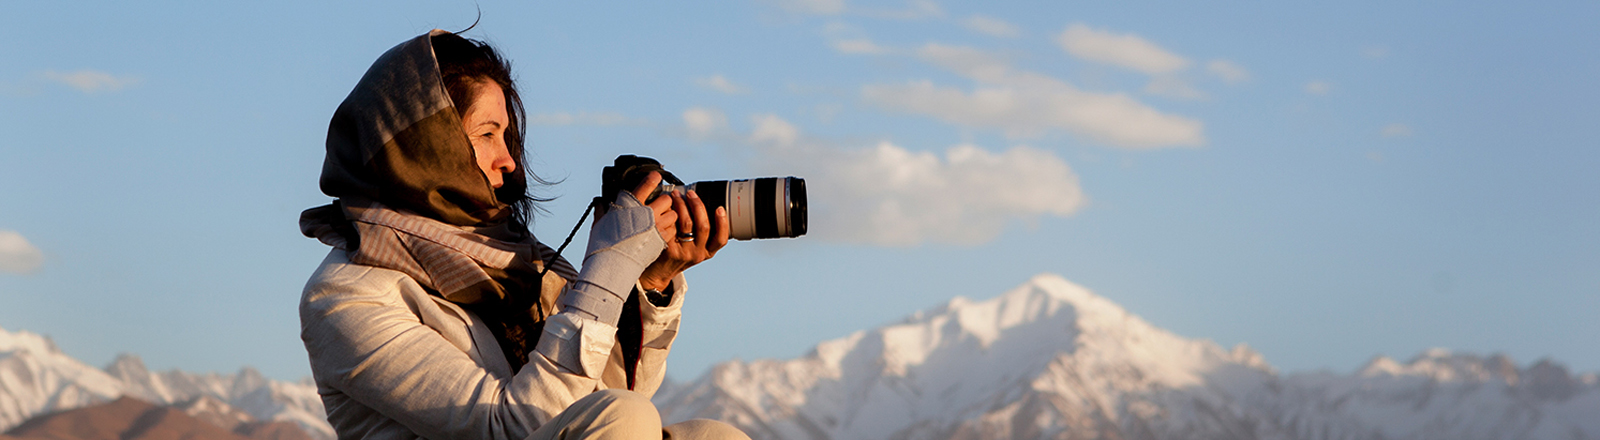 Lela Ahmadzai mit ihrer Kamera vor einem Bergpanorama